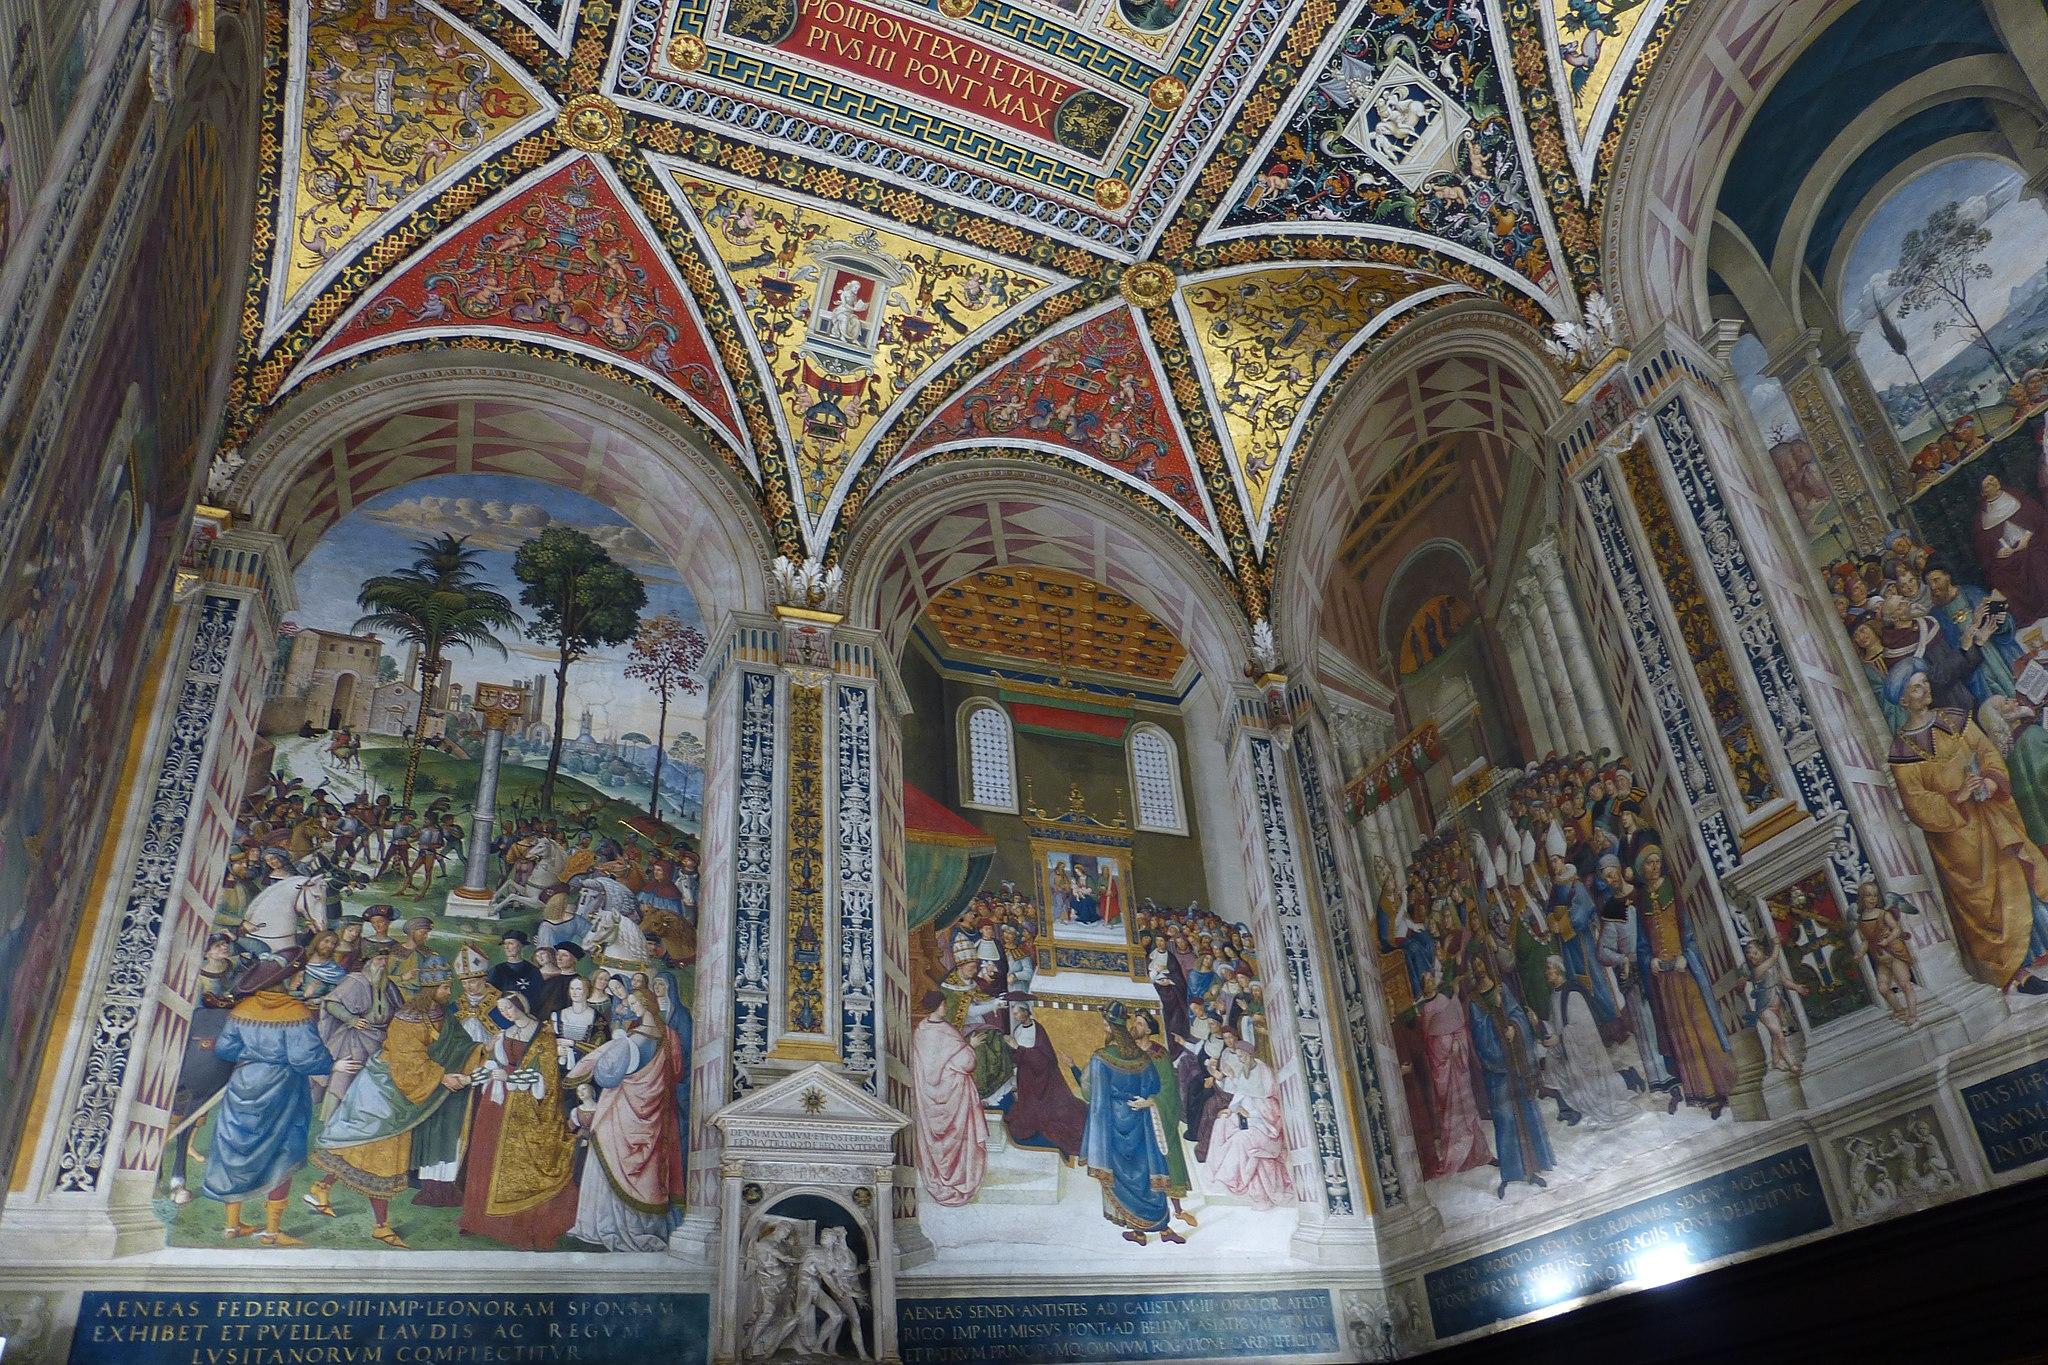 Libreria Piccolomini, affrescatadaPinturicchio, Siena, Duomo. Nel centro La Cacciata dal Paradiso Terrestre